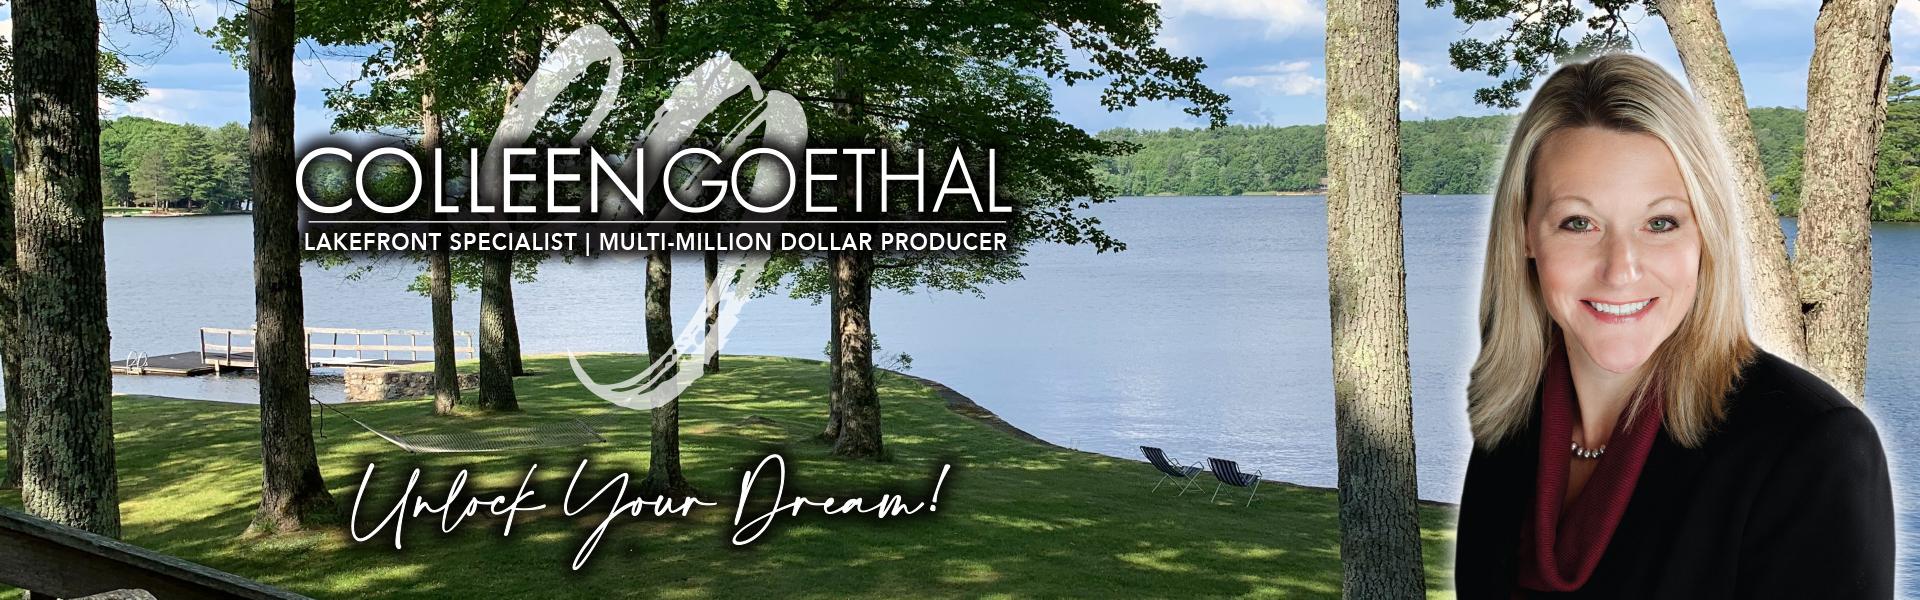 Colleen Goethal